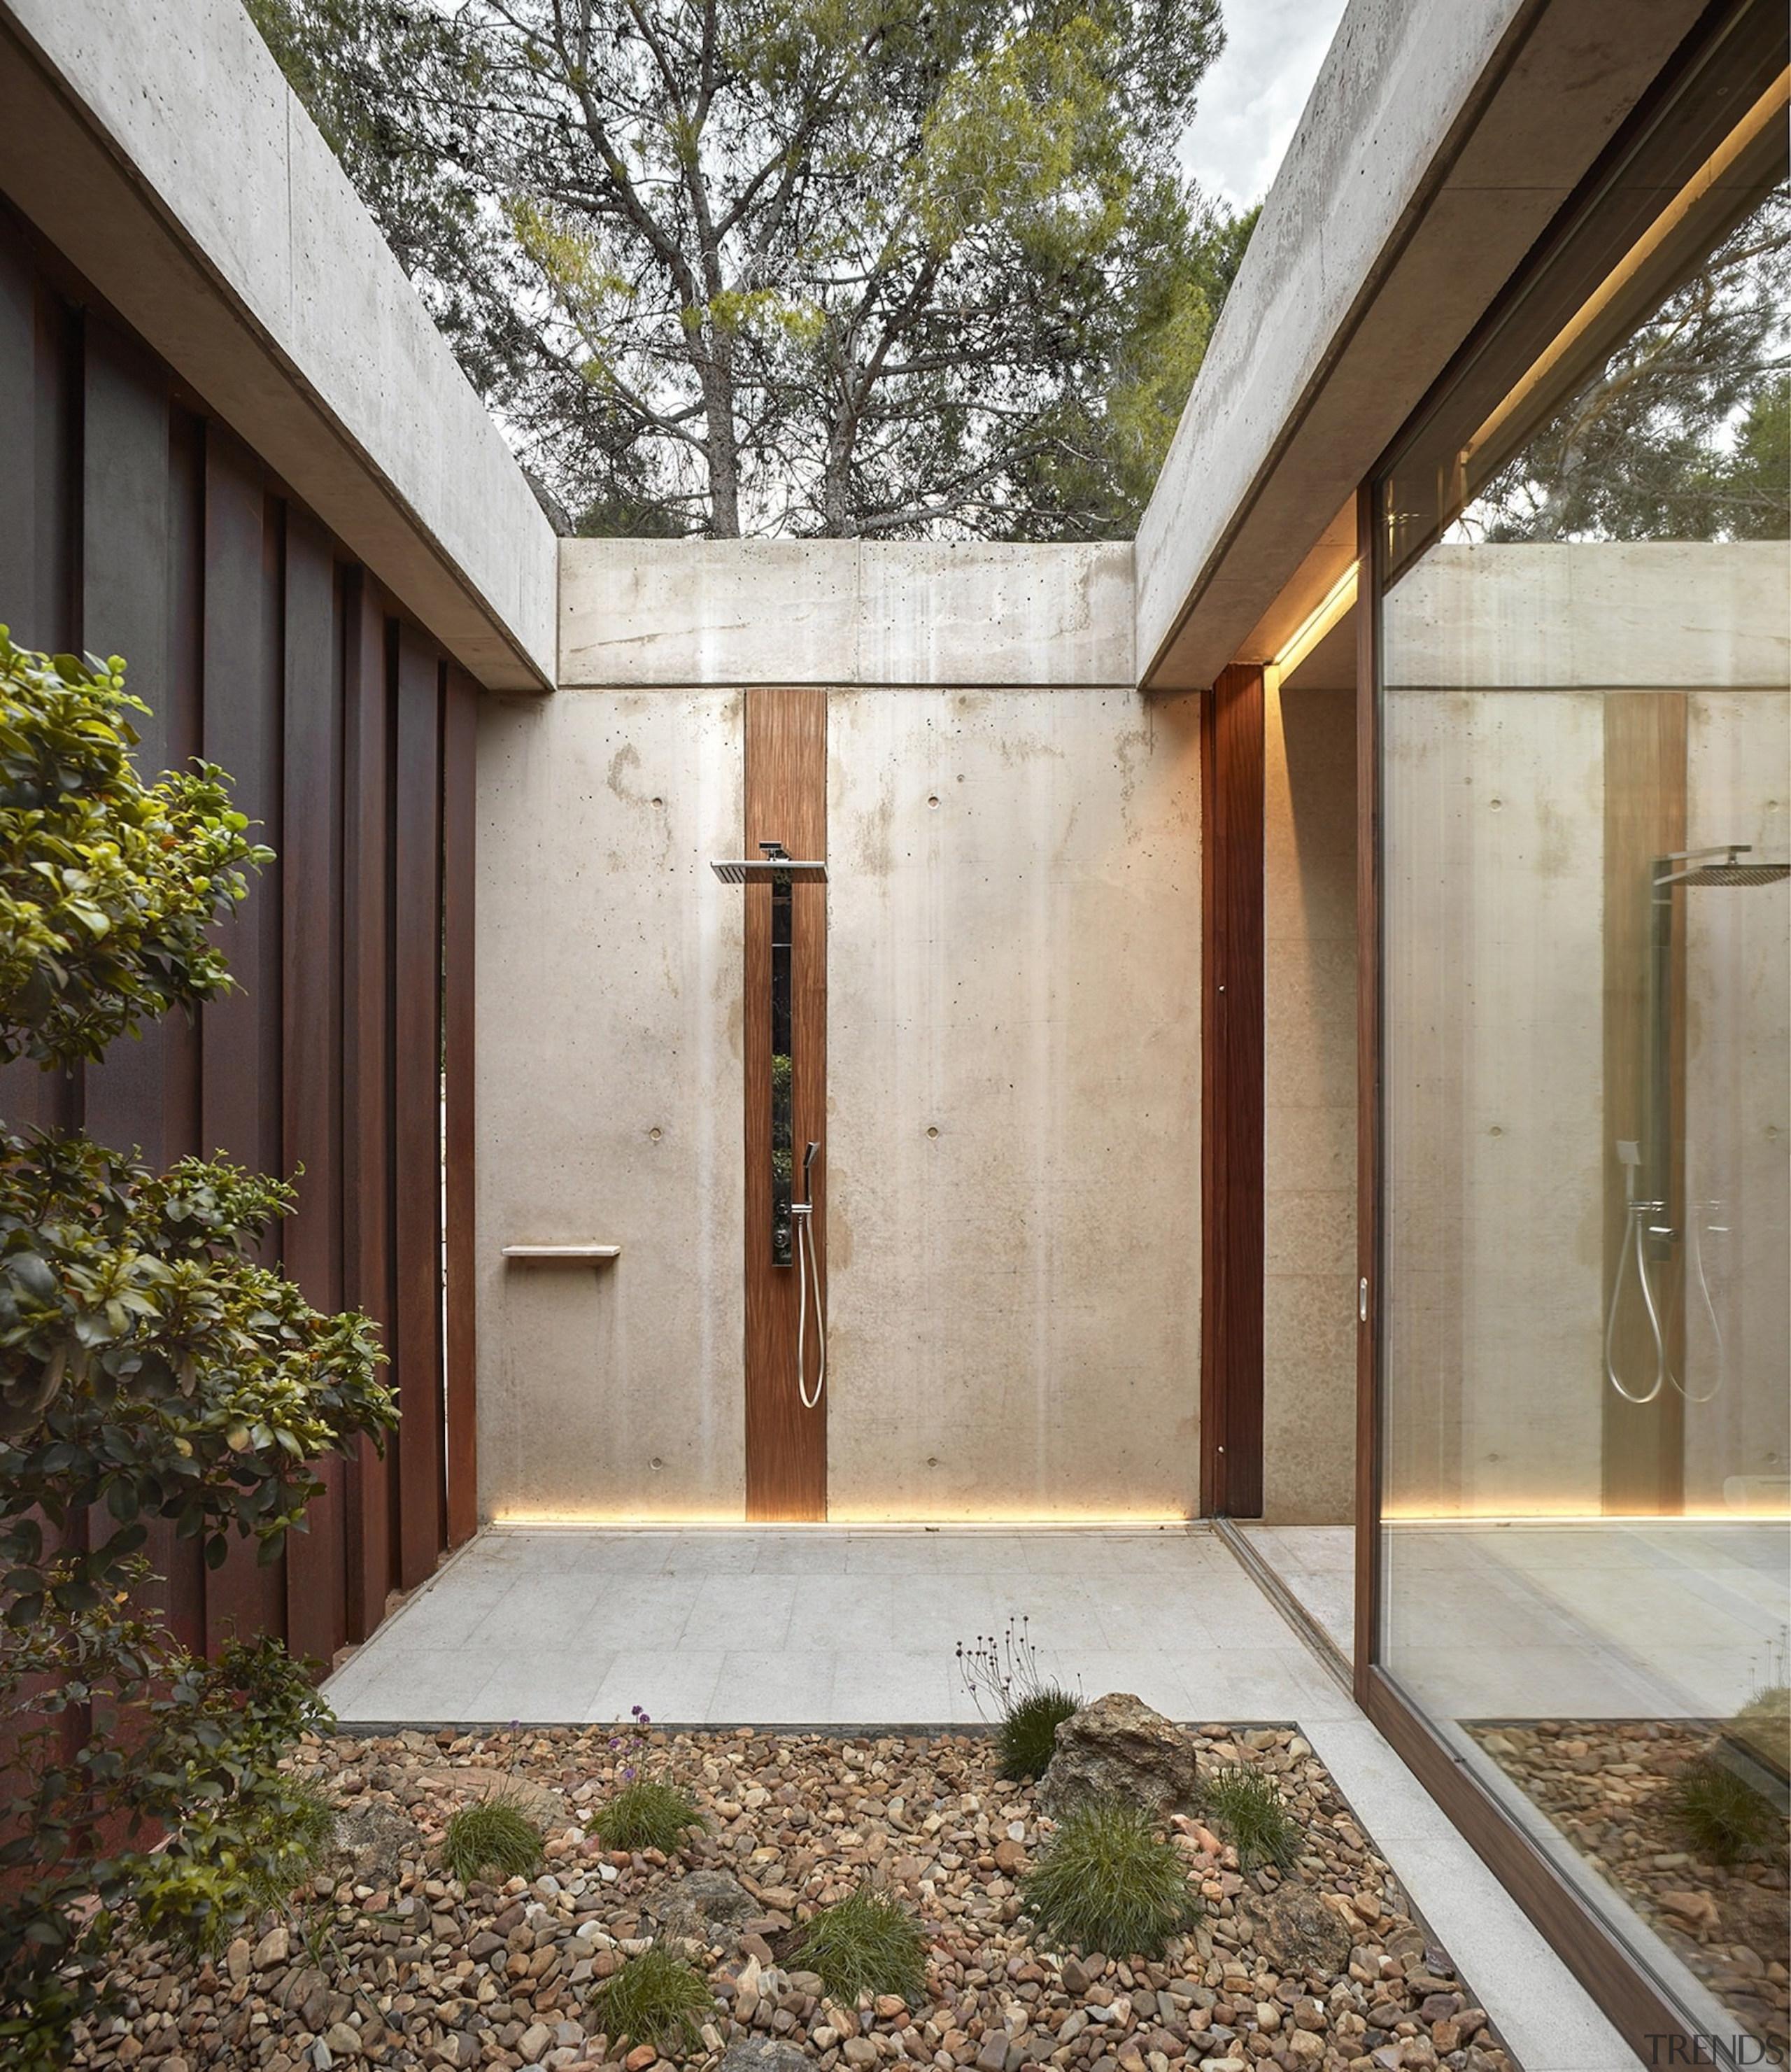 Architect: Ramón Esteve Estudio de Arquitectura architecture, backyard, courtyard, daylighting, facade, home, house, property, real estate, siding, window, gray, brown